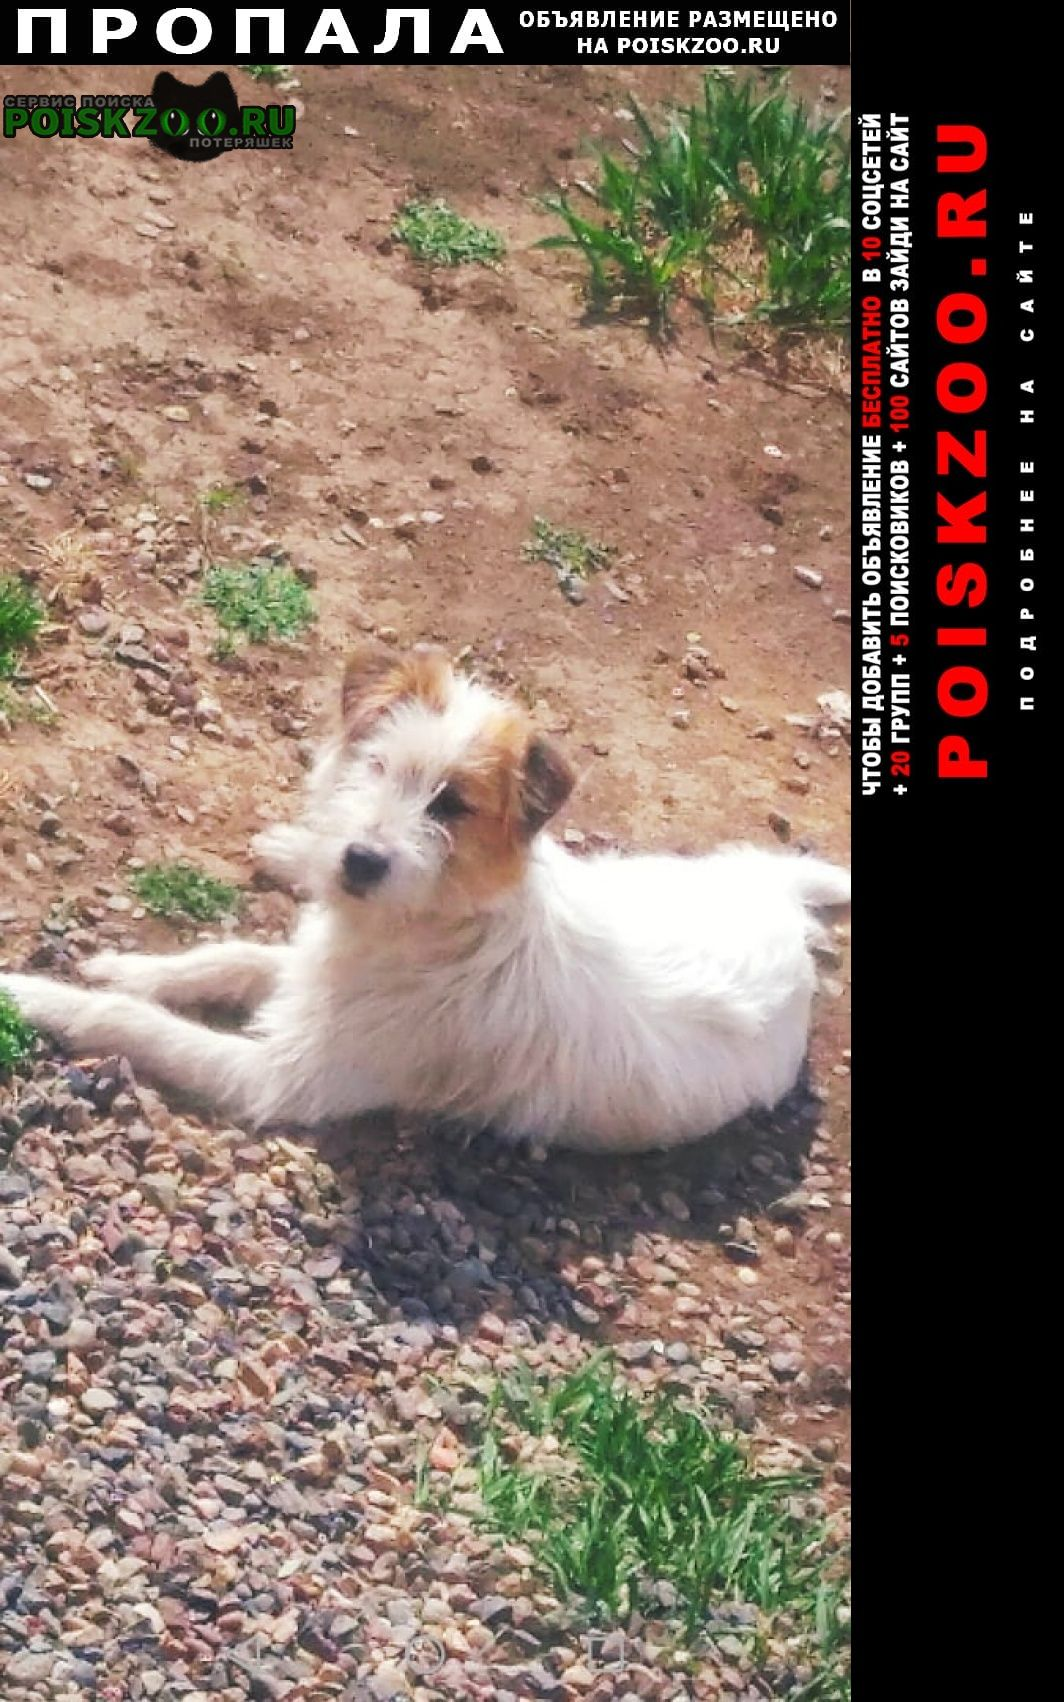 Пропала собака джек рассел терьер мальчик 1 год Красноярск